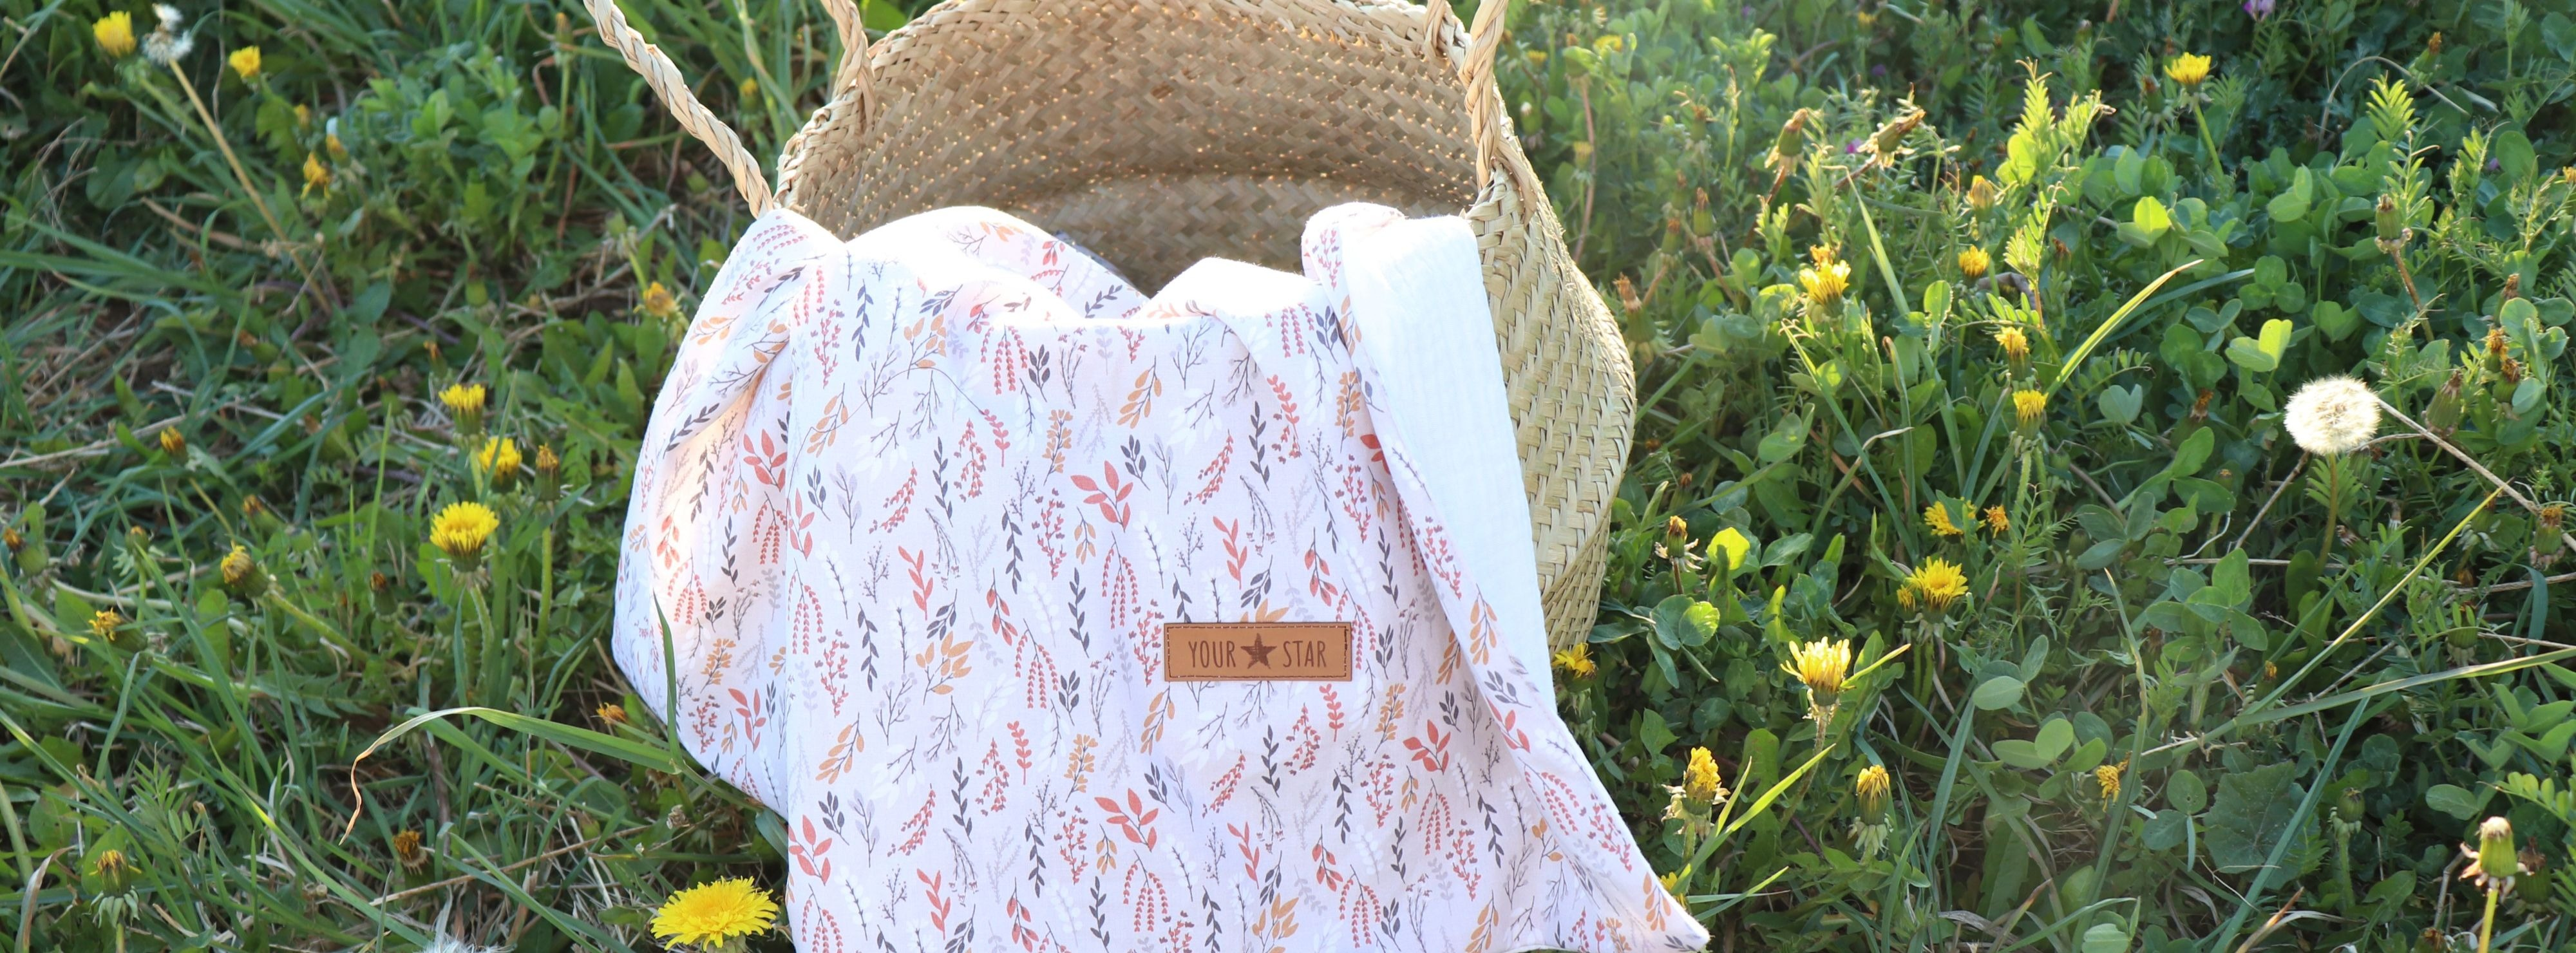 letní deka kvítí